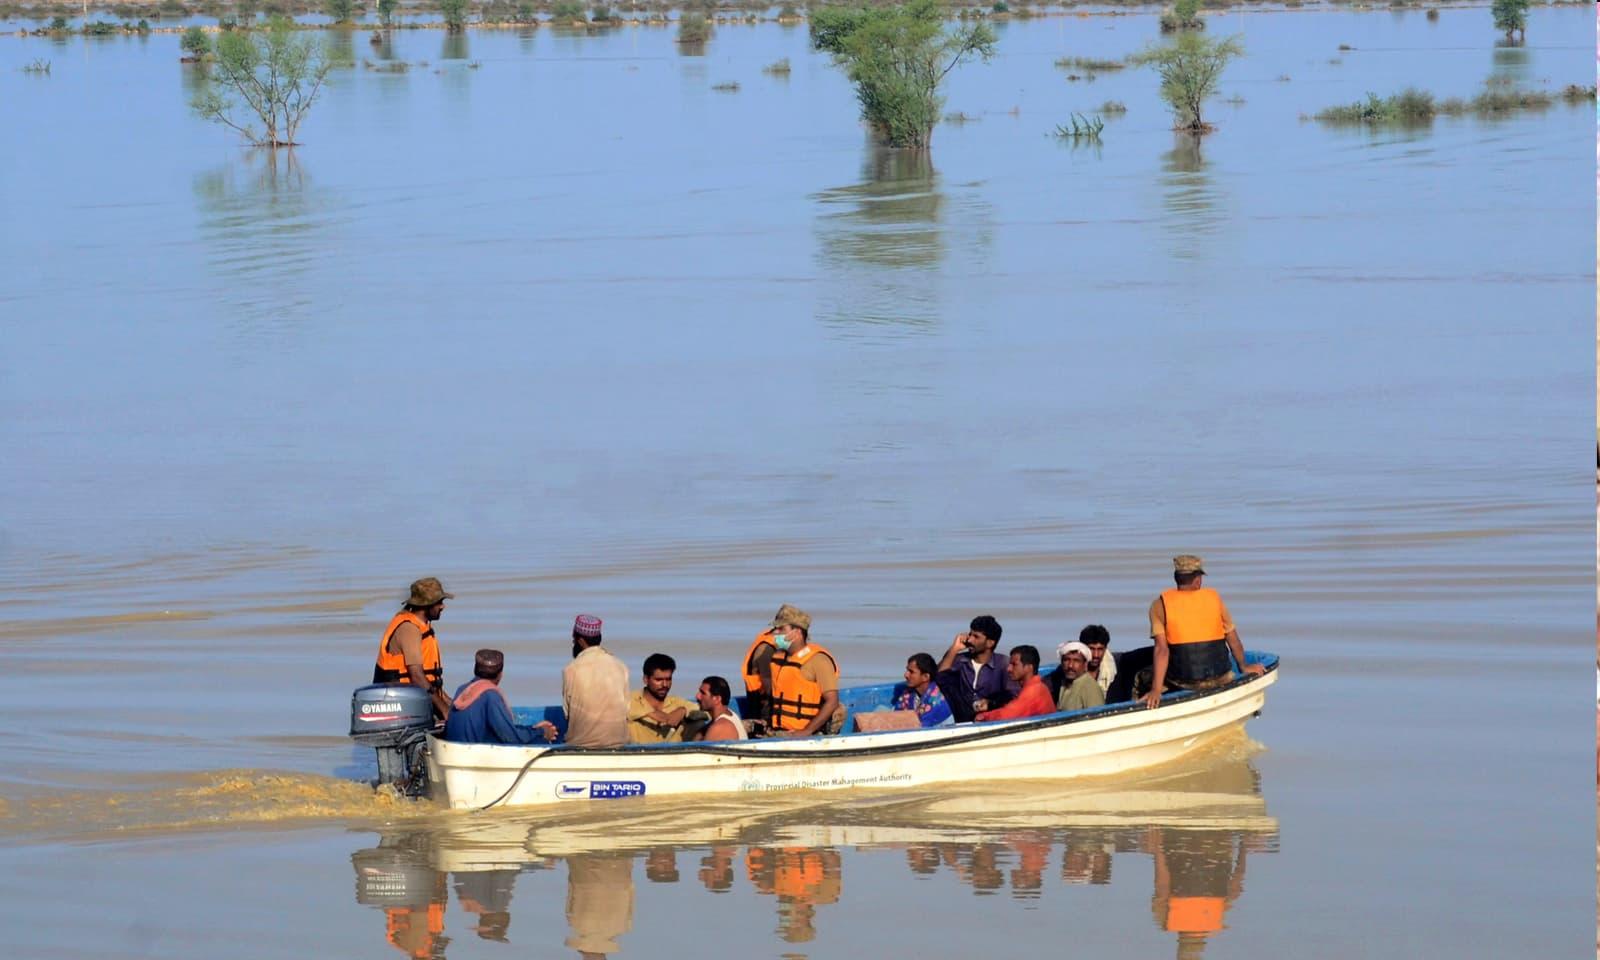 دادو میں سیلاب سے متاثرہ علاقوں میں پاک فوج امدادی کارروائیوں میں مصروف ہے— فوٹو: اے پی